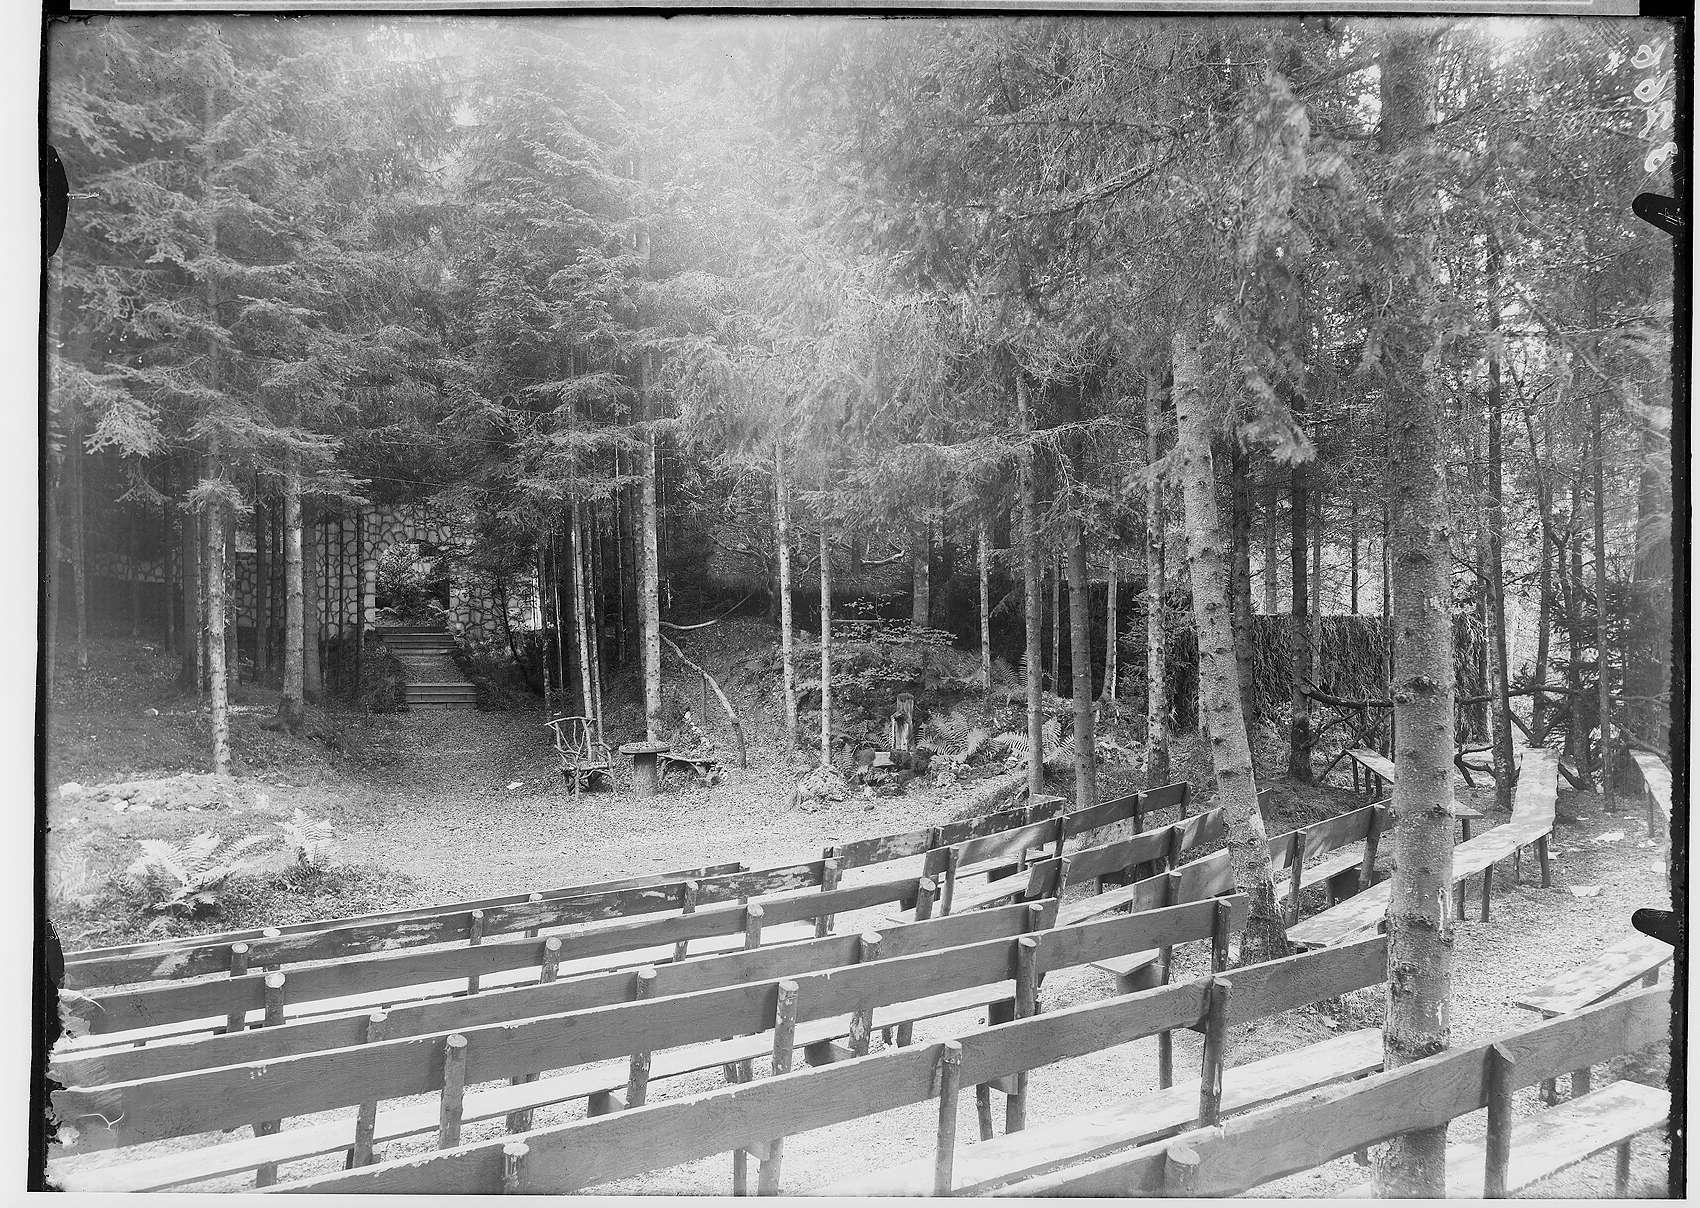 Waldbühne Sigmaringendorf - Der arme Heinrich (Gerhard Hauptmann); Blick auf die Bühne; im Vordergrund Sitzreihen der Zuschauer; 1. Bühnenbild, Bild 1